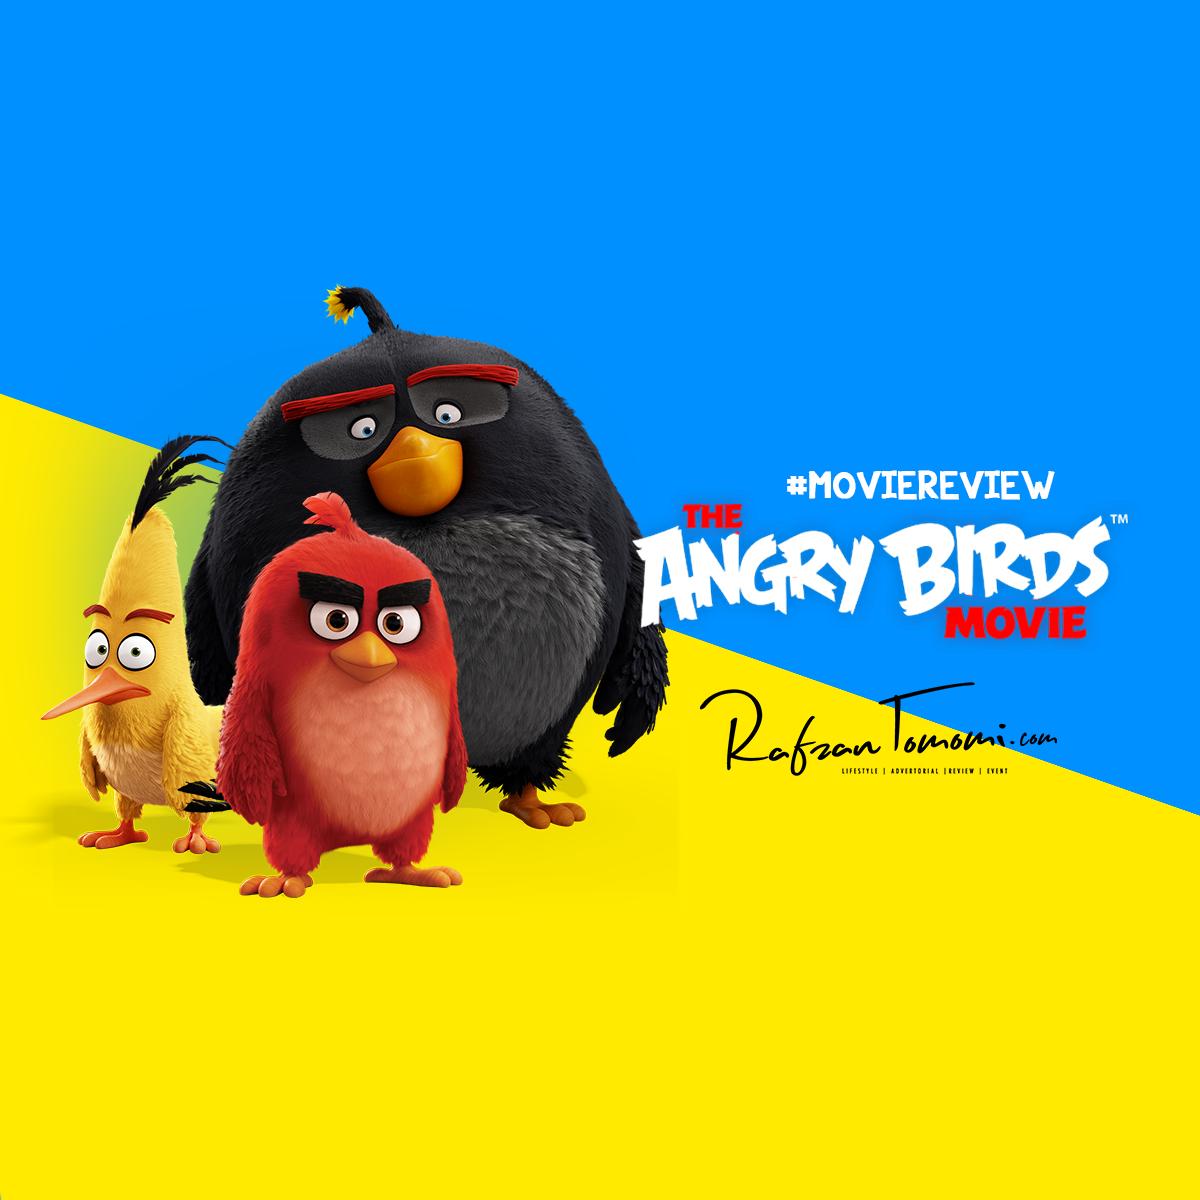 #MovieReview - The Angry Birds Movie - RAFZANTOMOMI.COM